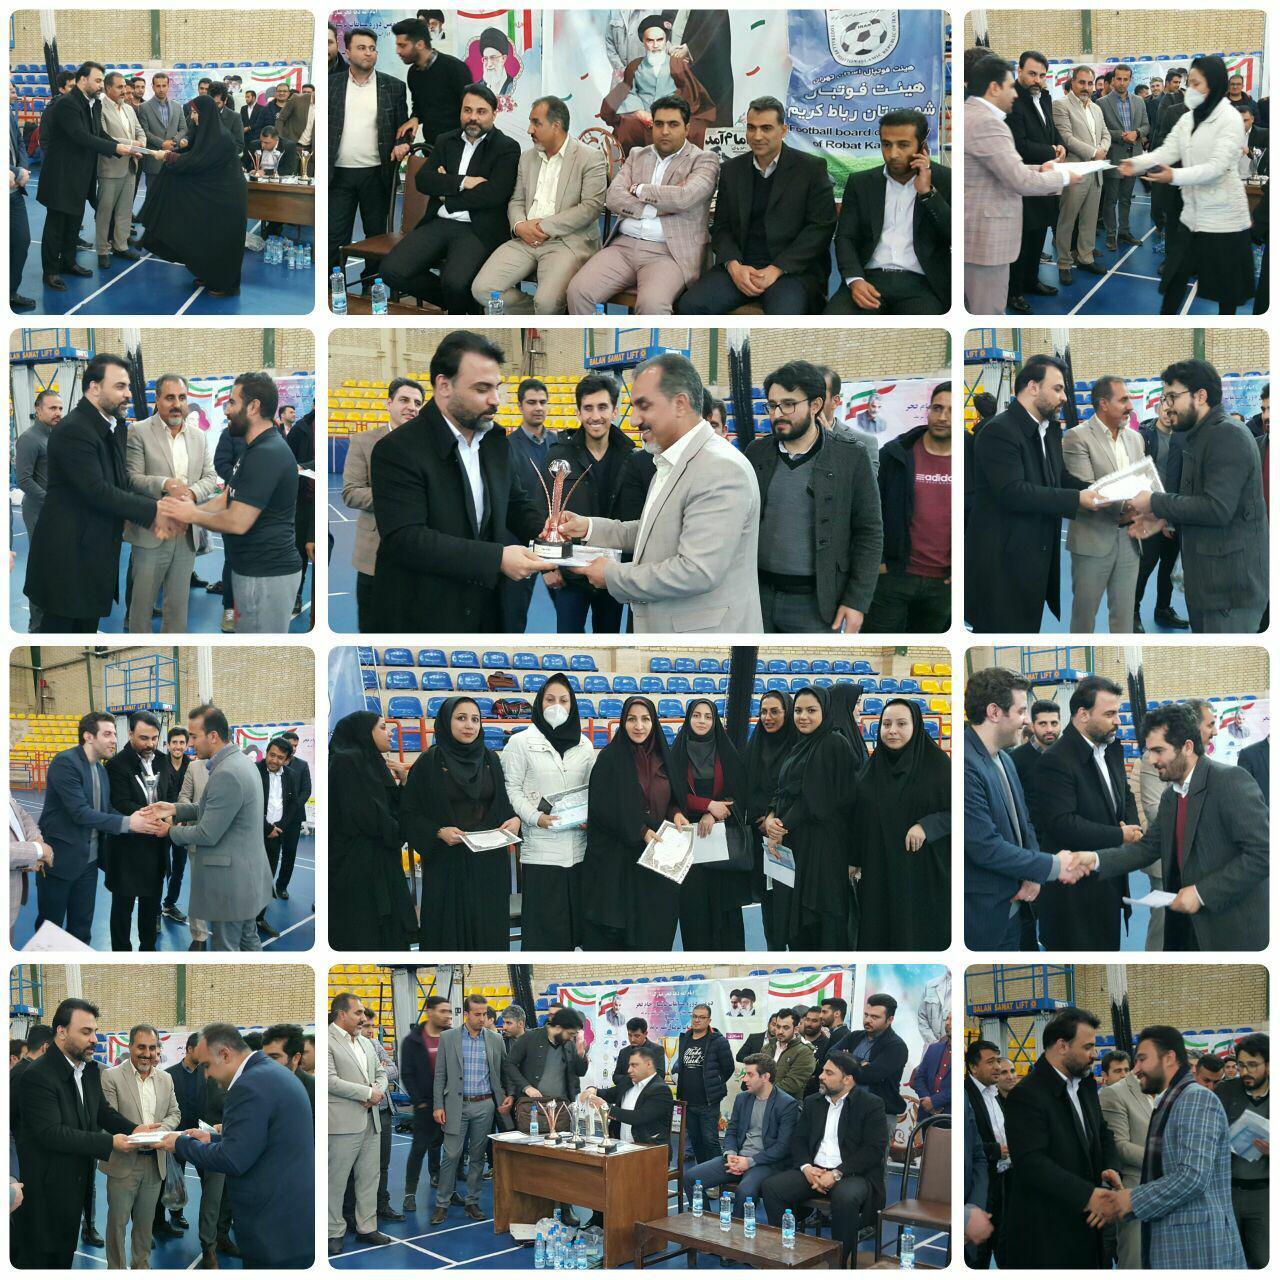 برگزاری اختتامیه مسابقات ورزشی جام فجر ویژه کارکنان شهرداری پرند